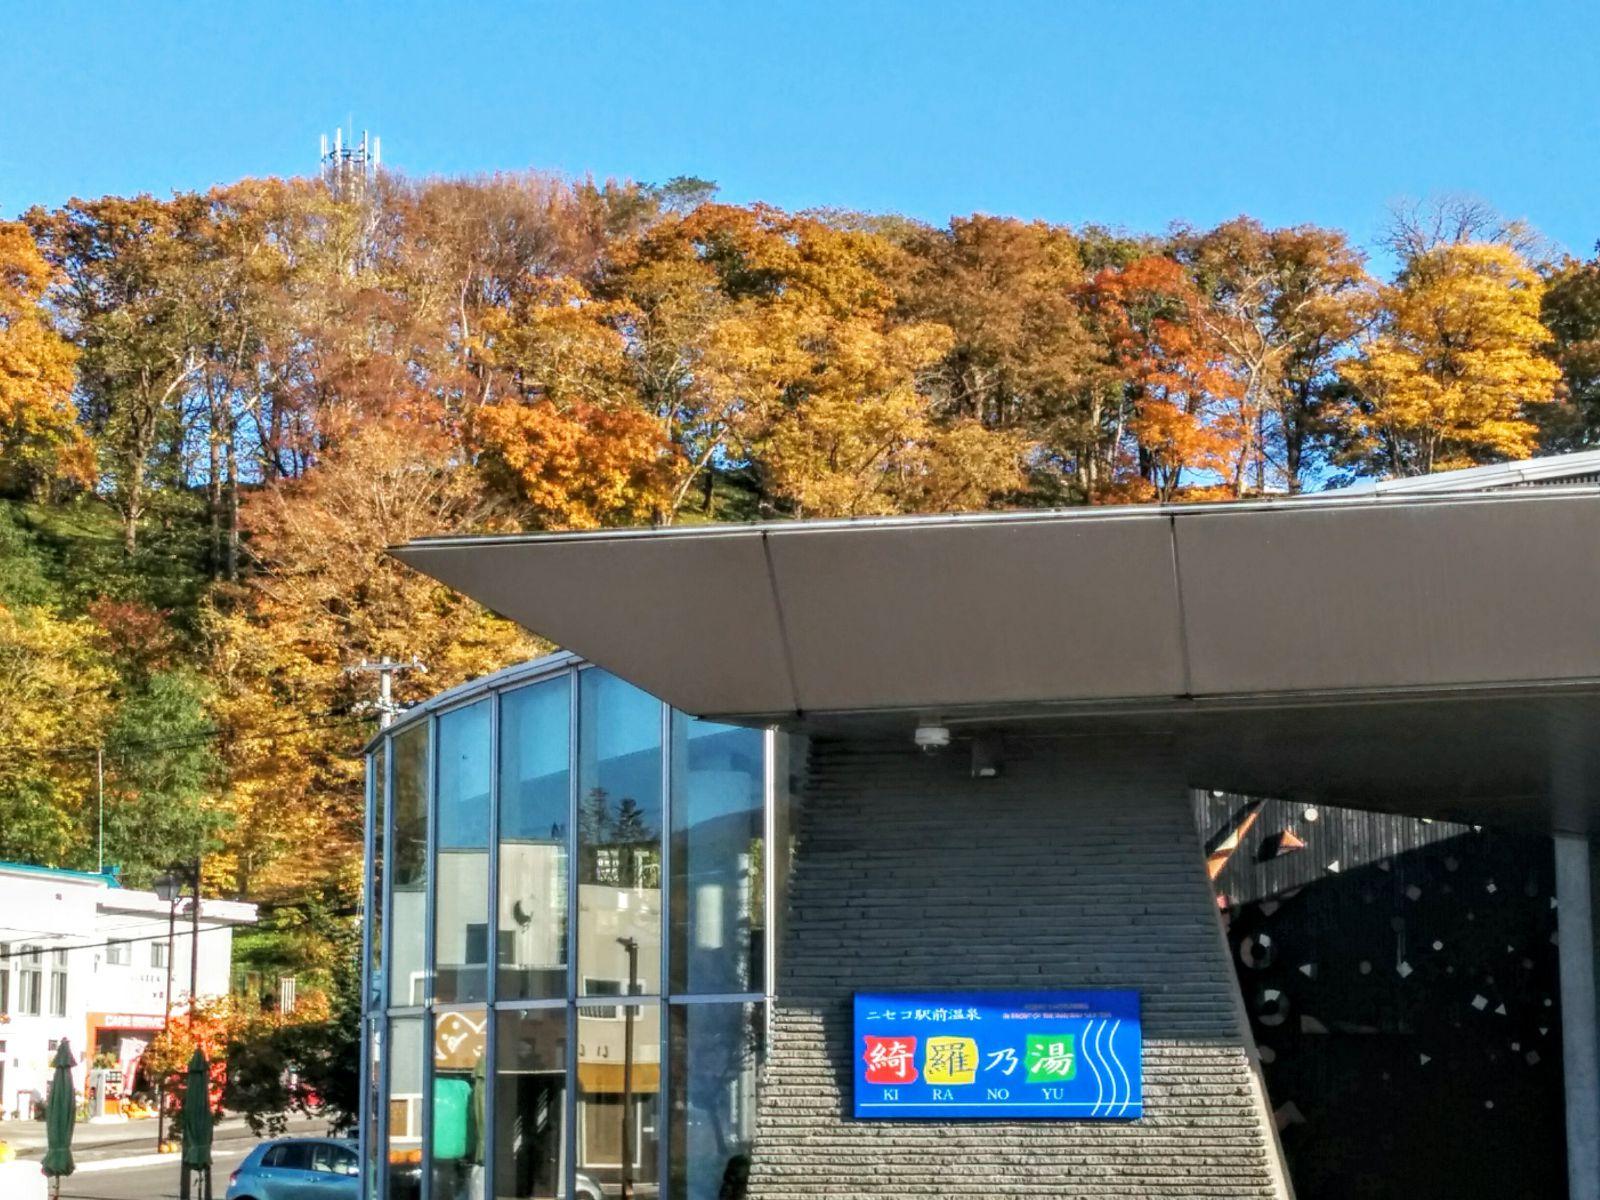 【ニセコ】駅前温泉・綺羅の湯観光案内です。